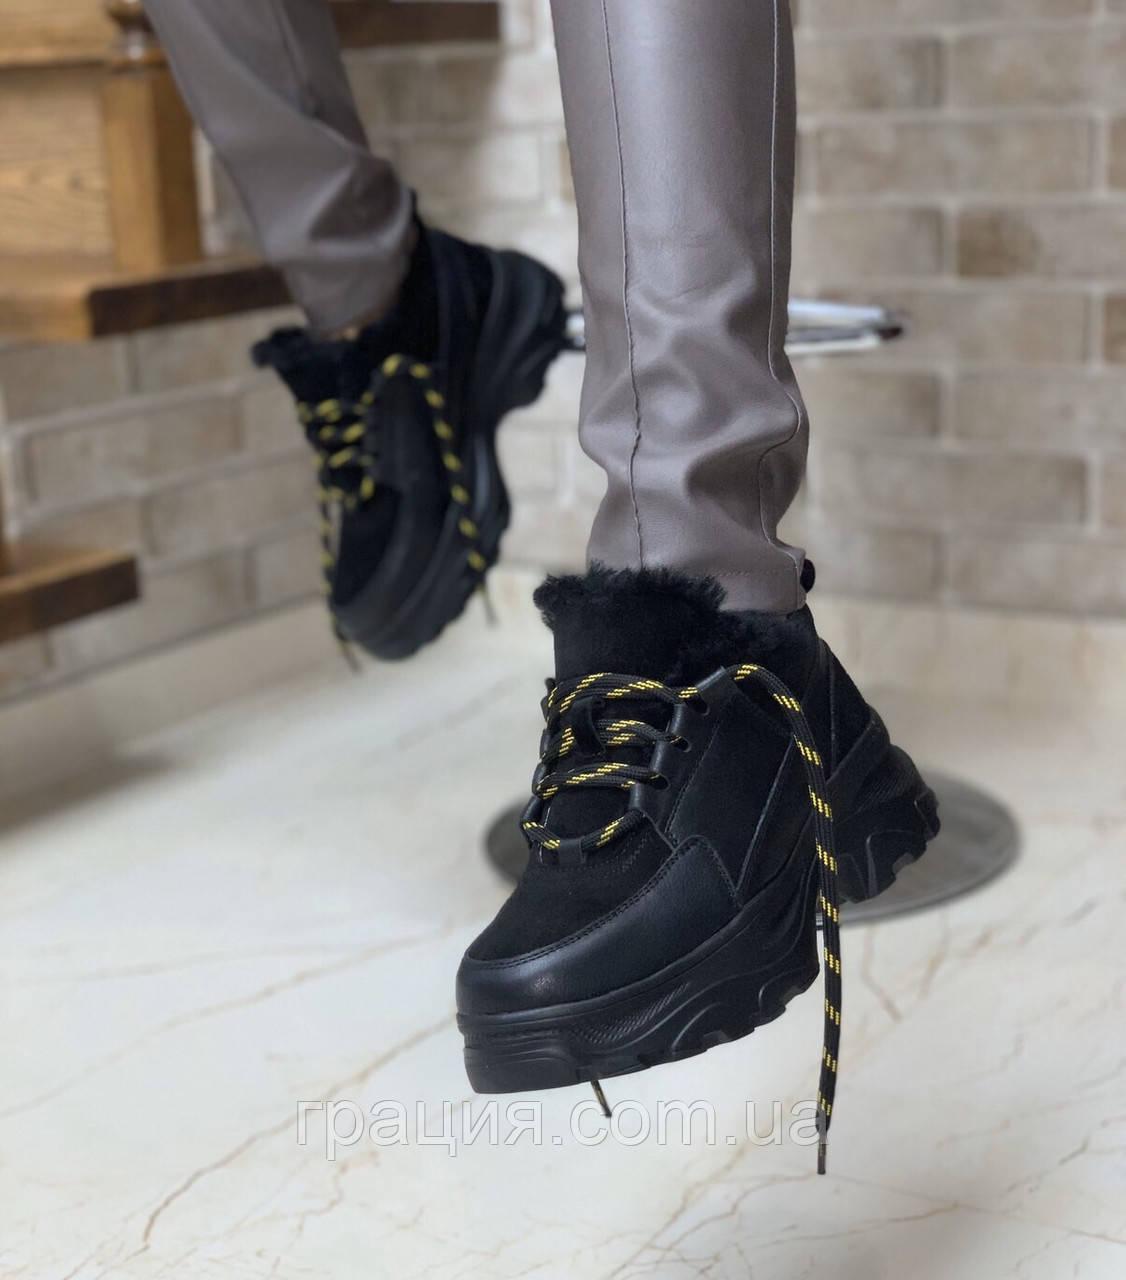 Стильные молодежные зимние замшевые кроссовки